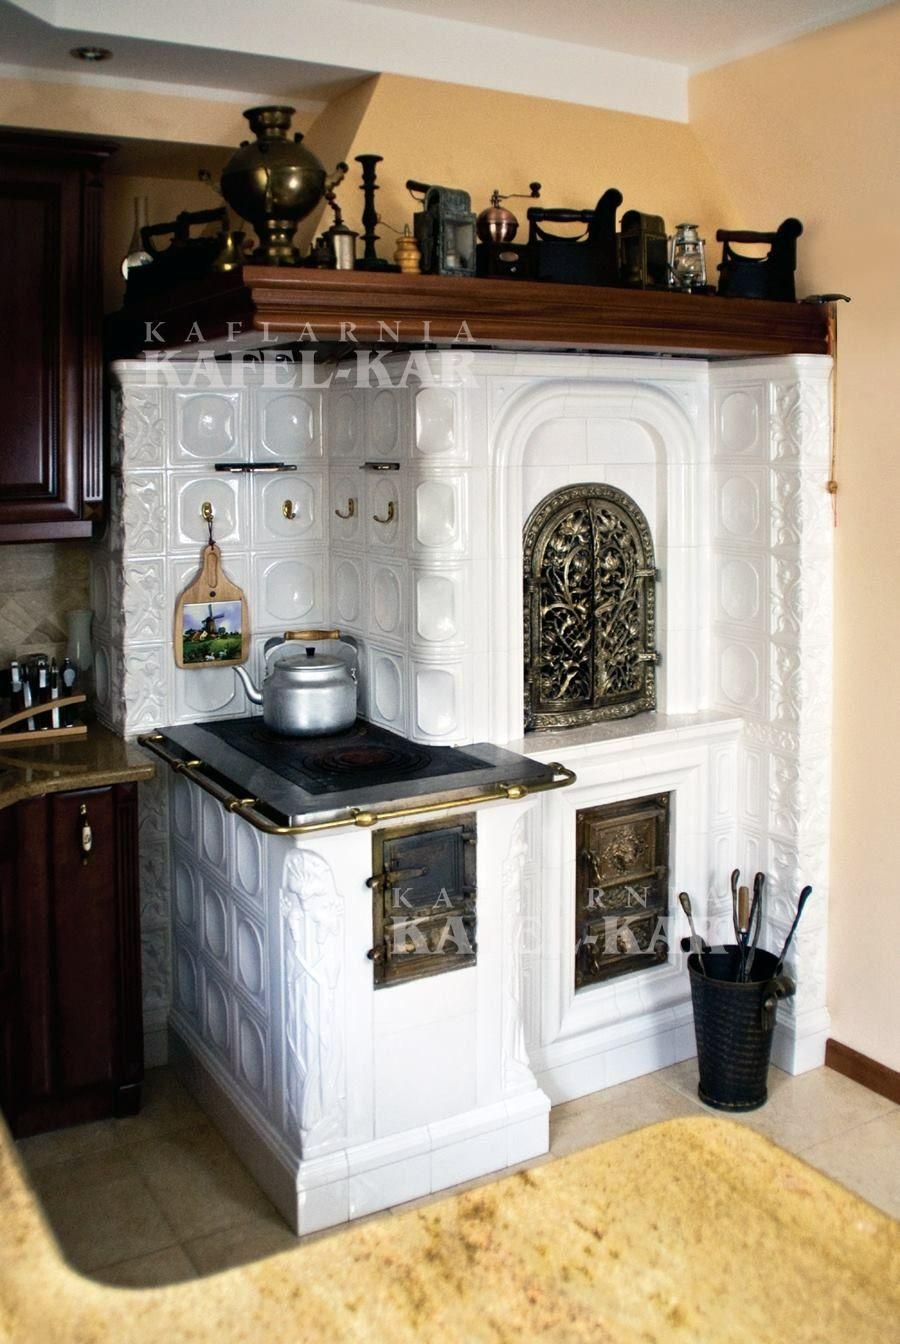 недвижимости бавене фото печки по среди кухни разберемся